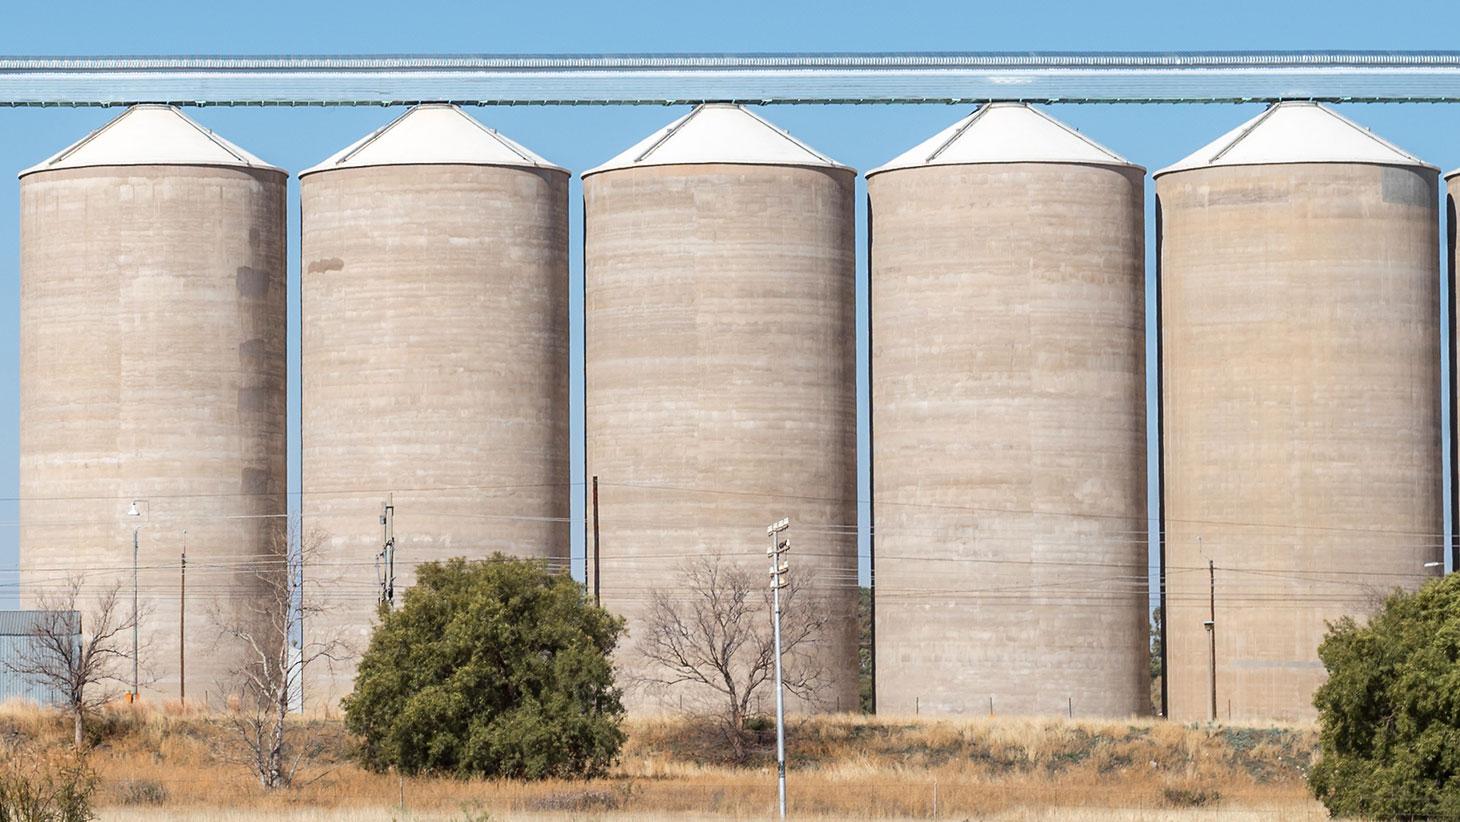 Modelado de silos de concreto para el almacenamiento de soja